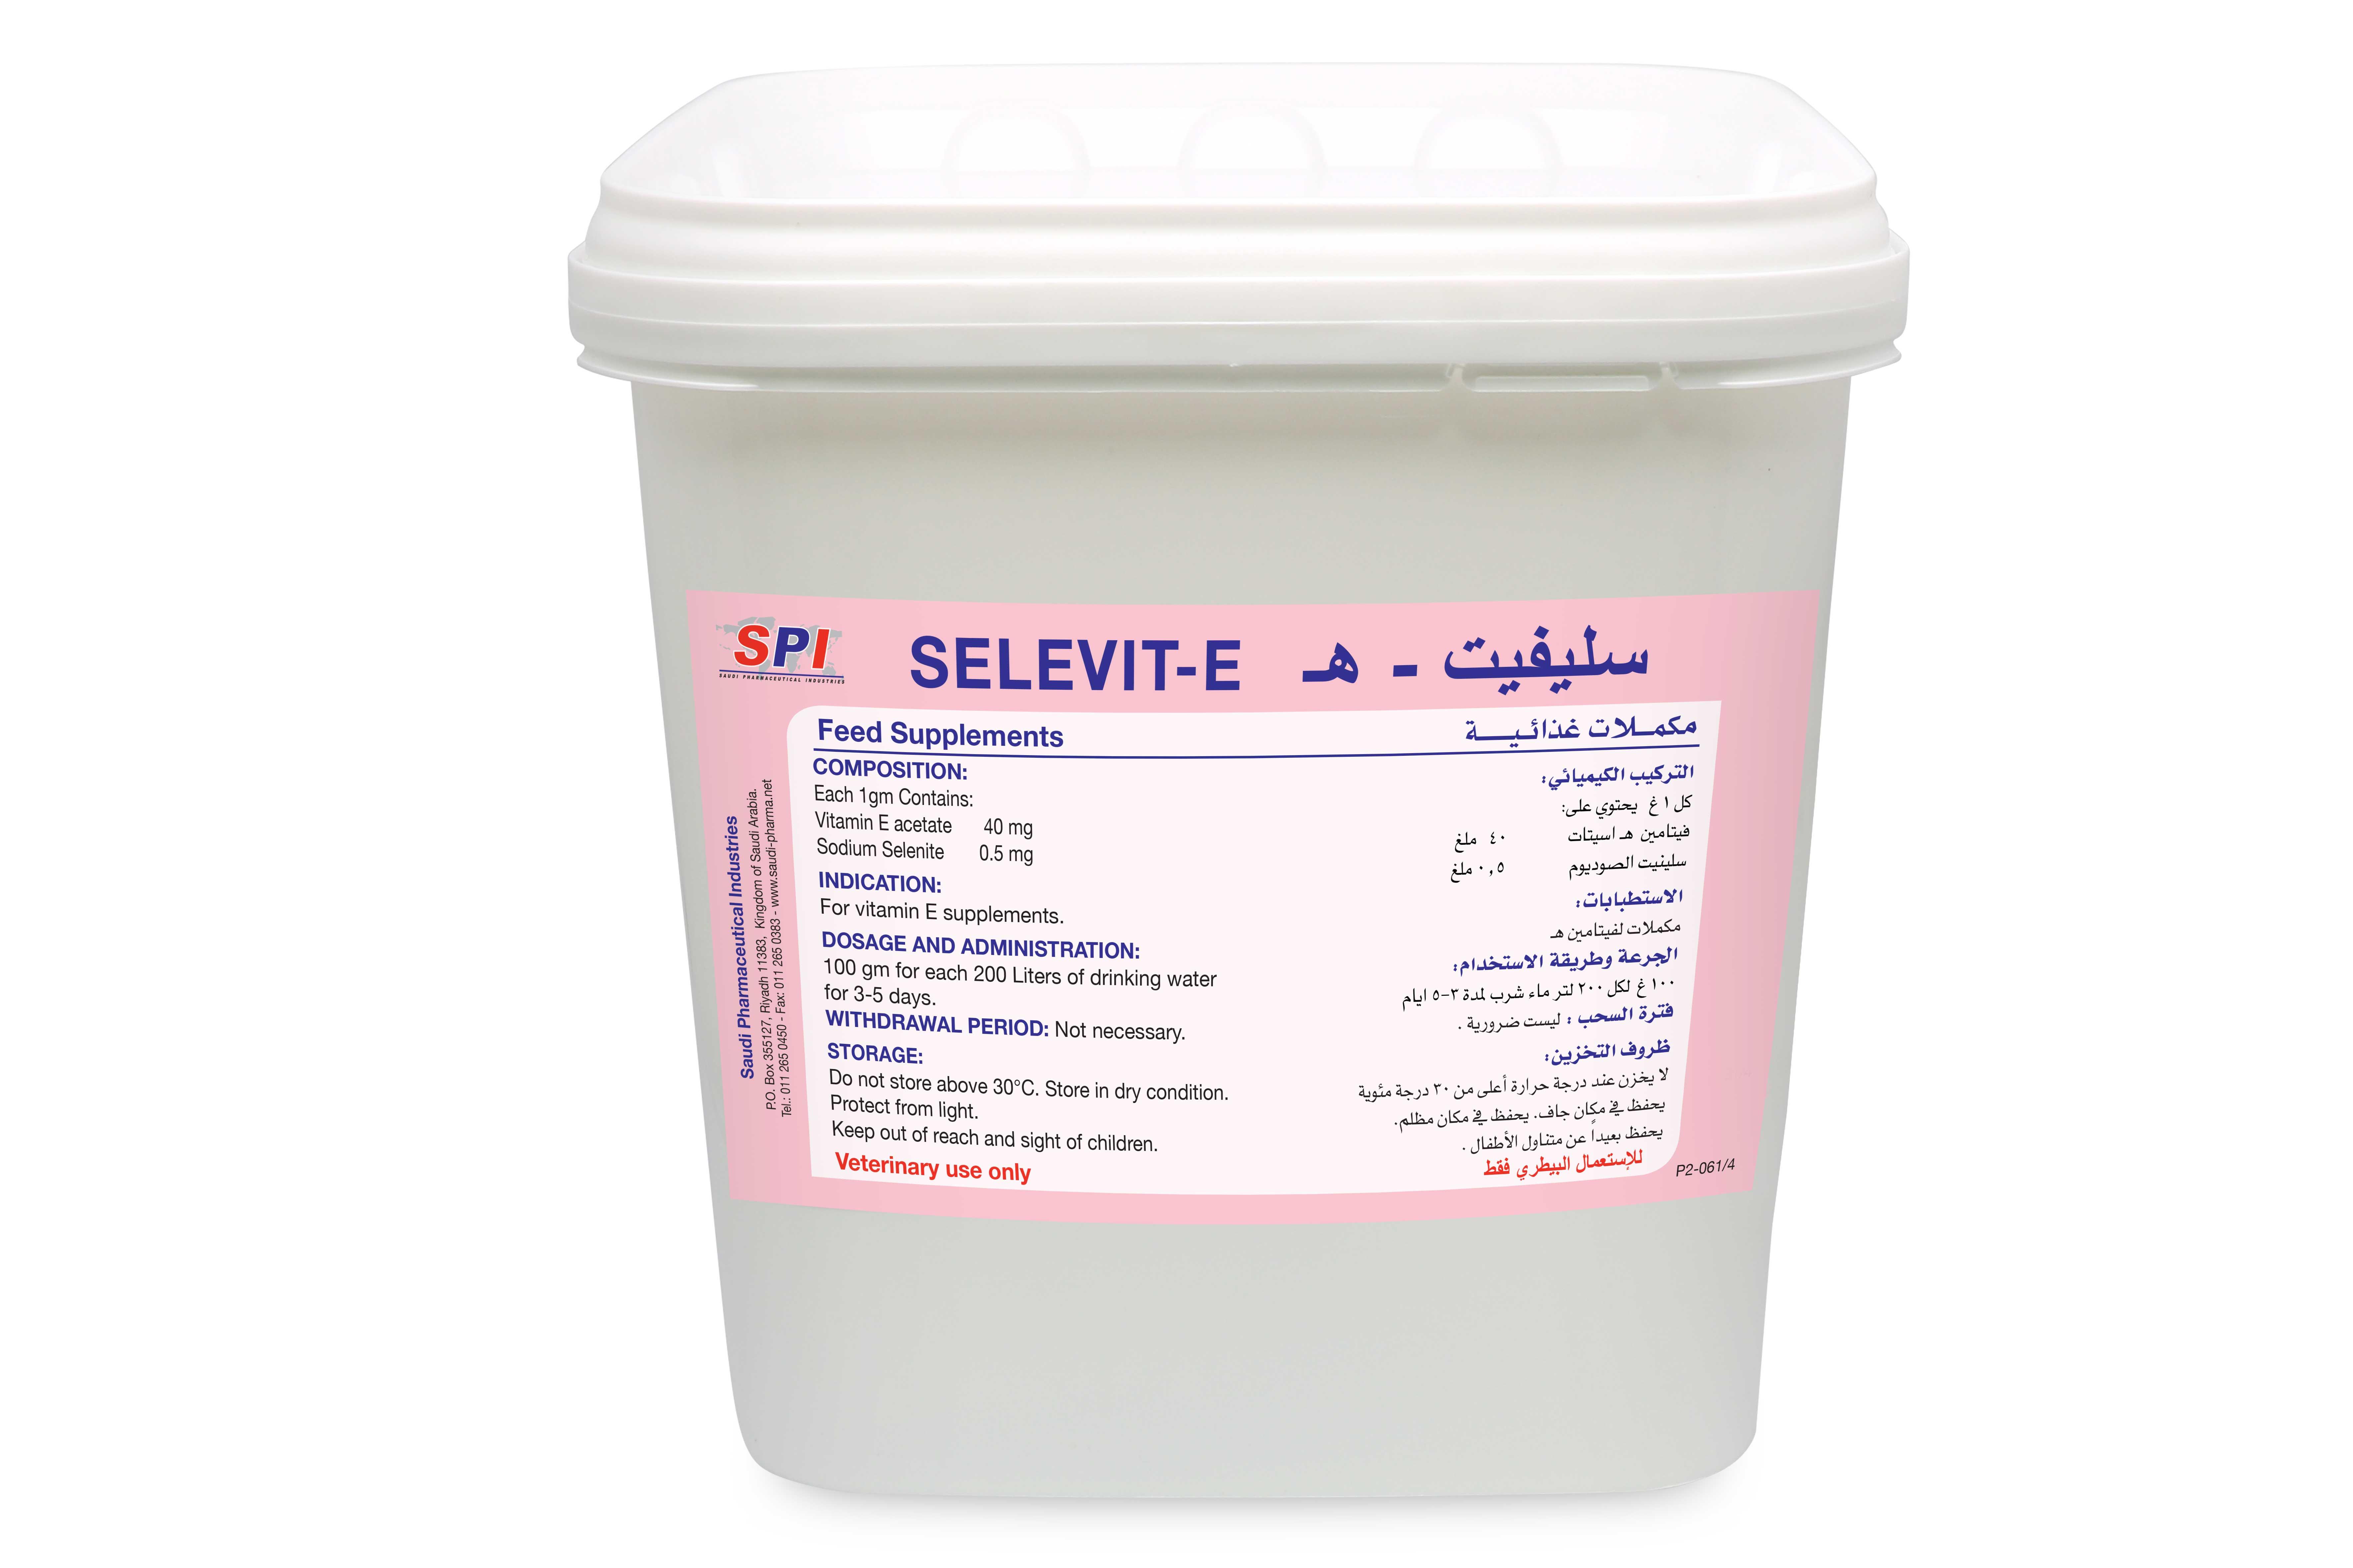 SELEVIT-E 3KG